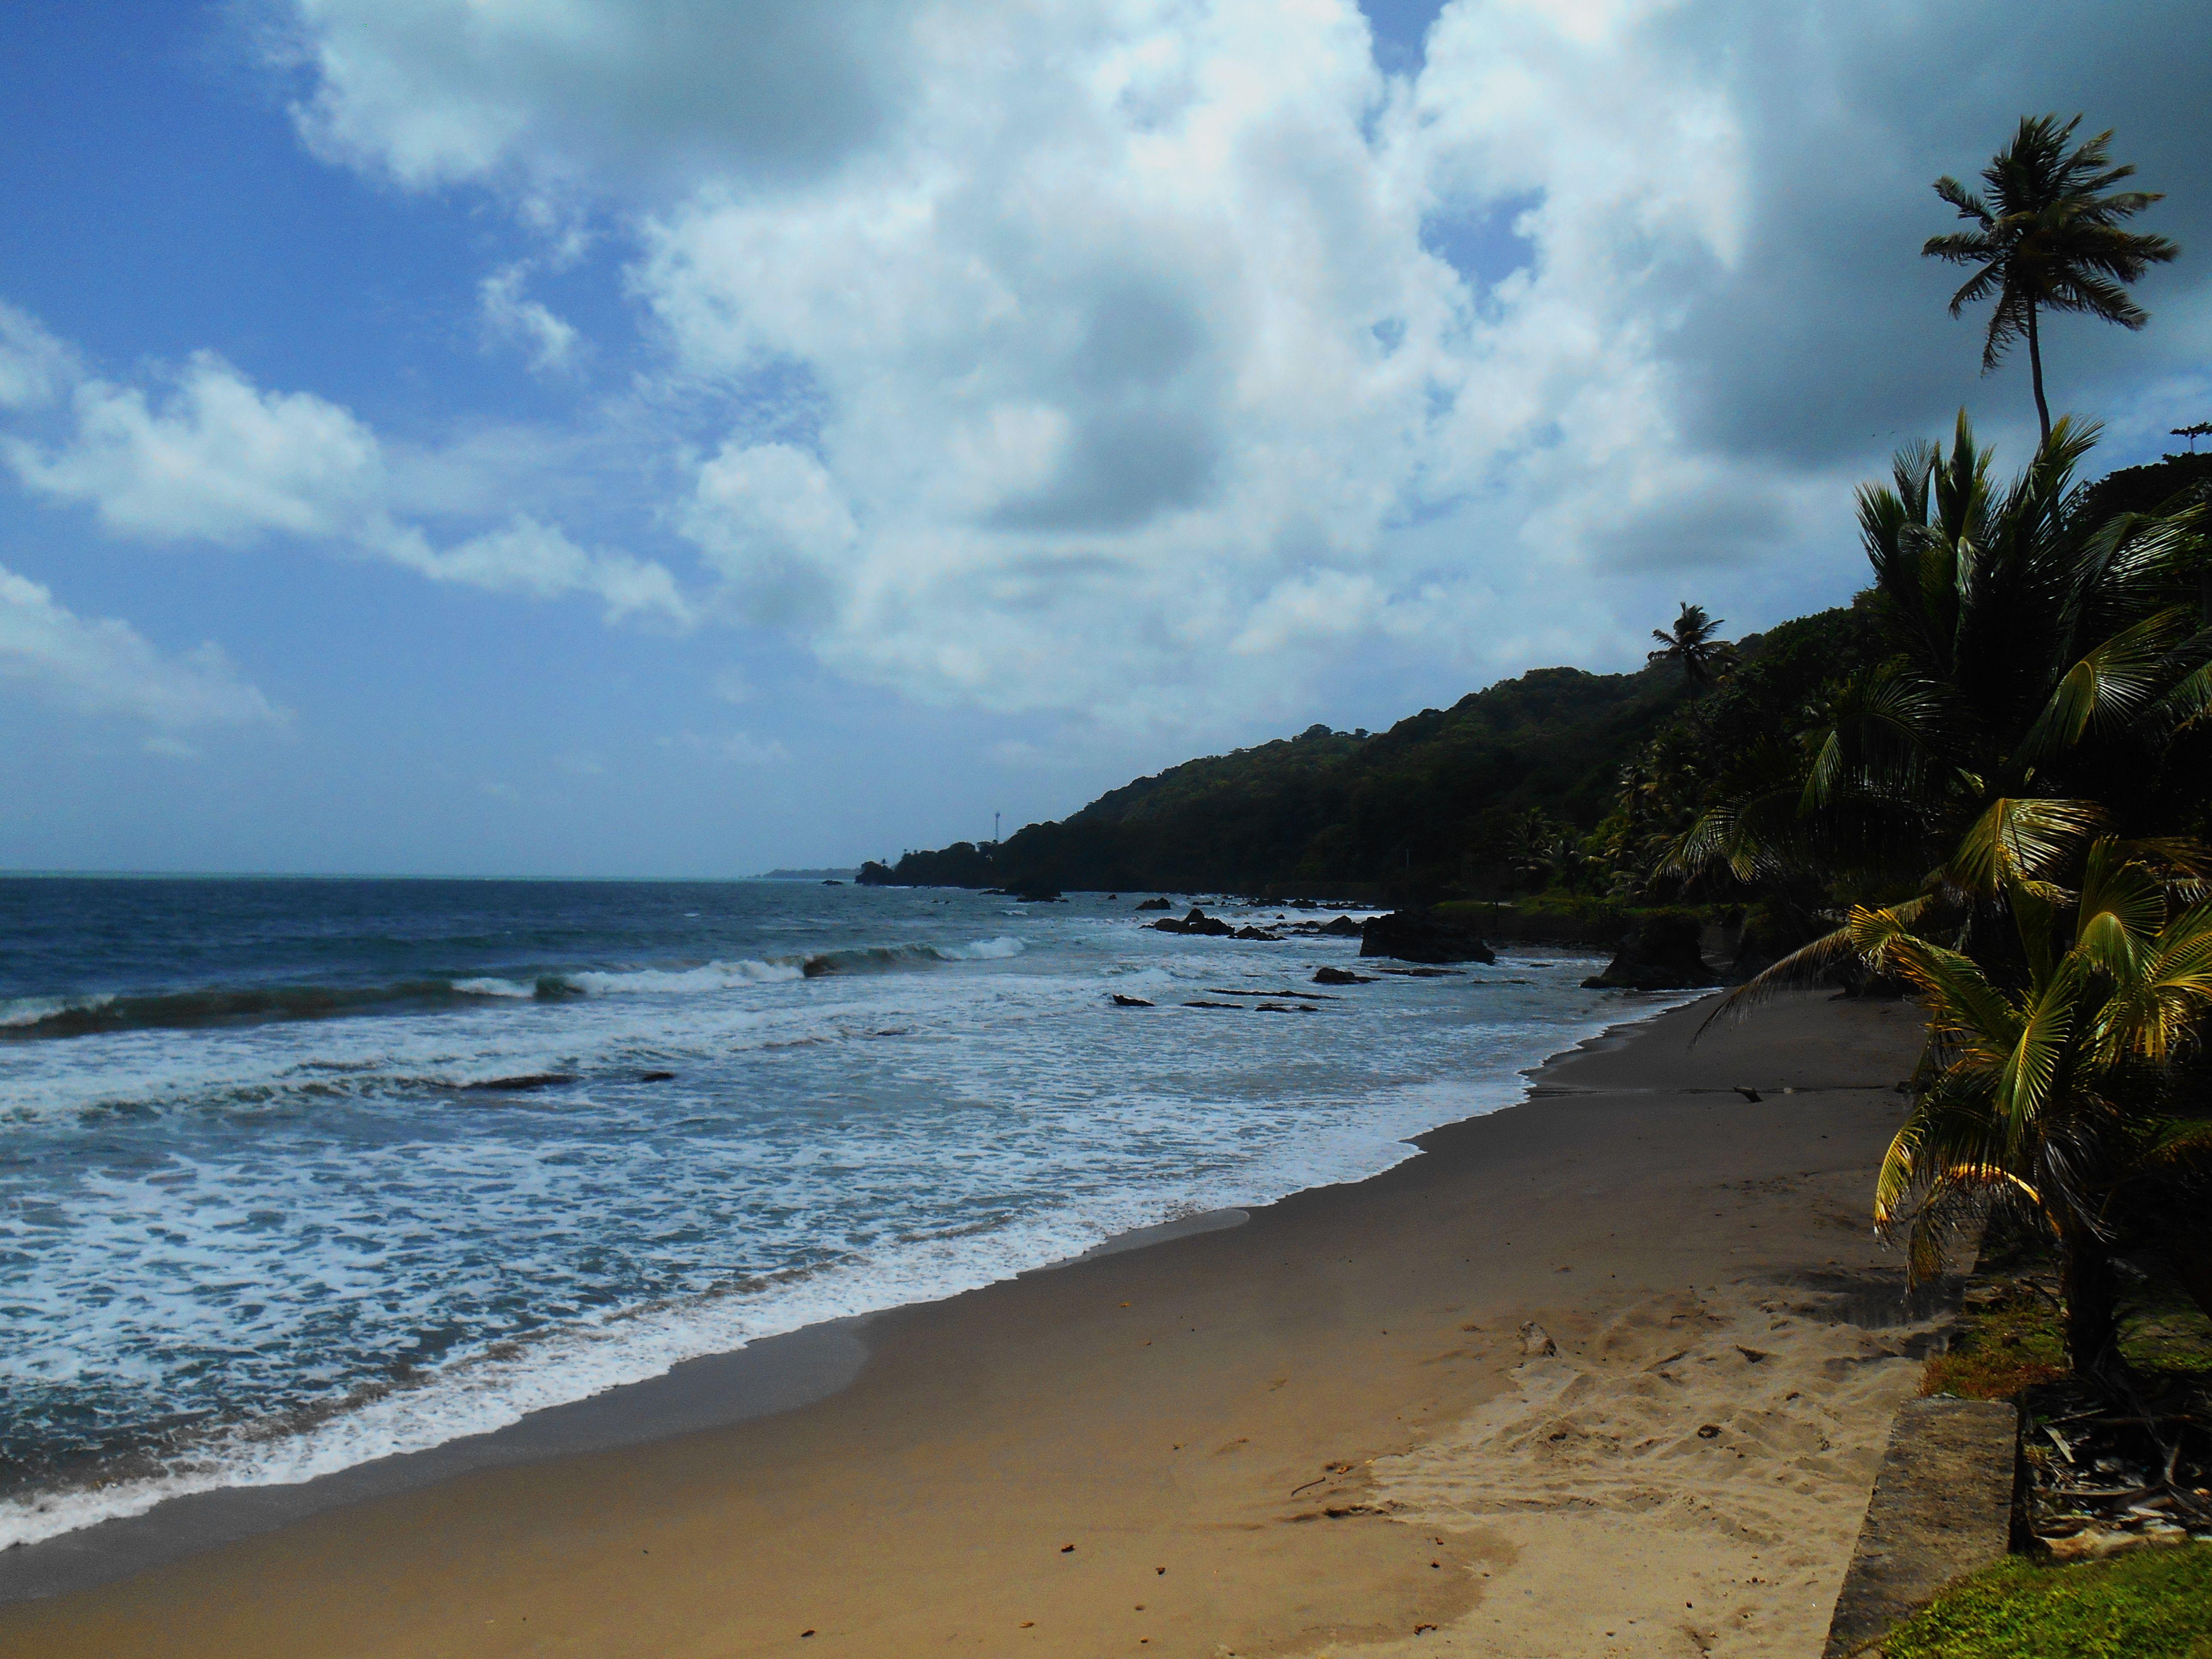 Beach near matelot trinidad beautiful caribbean